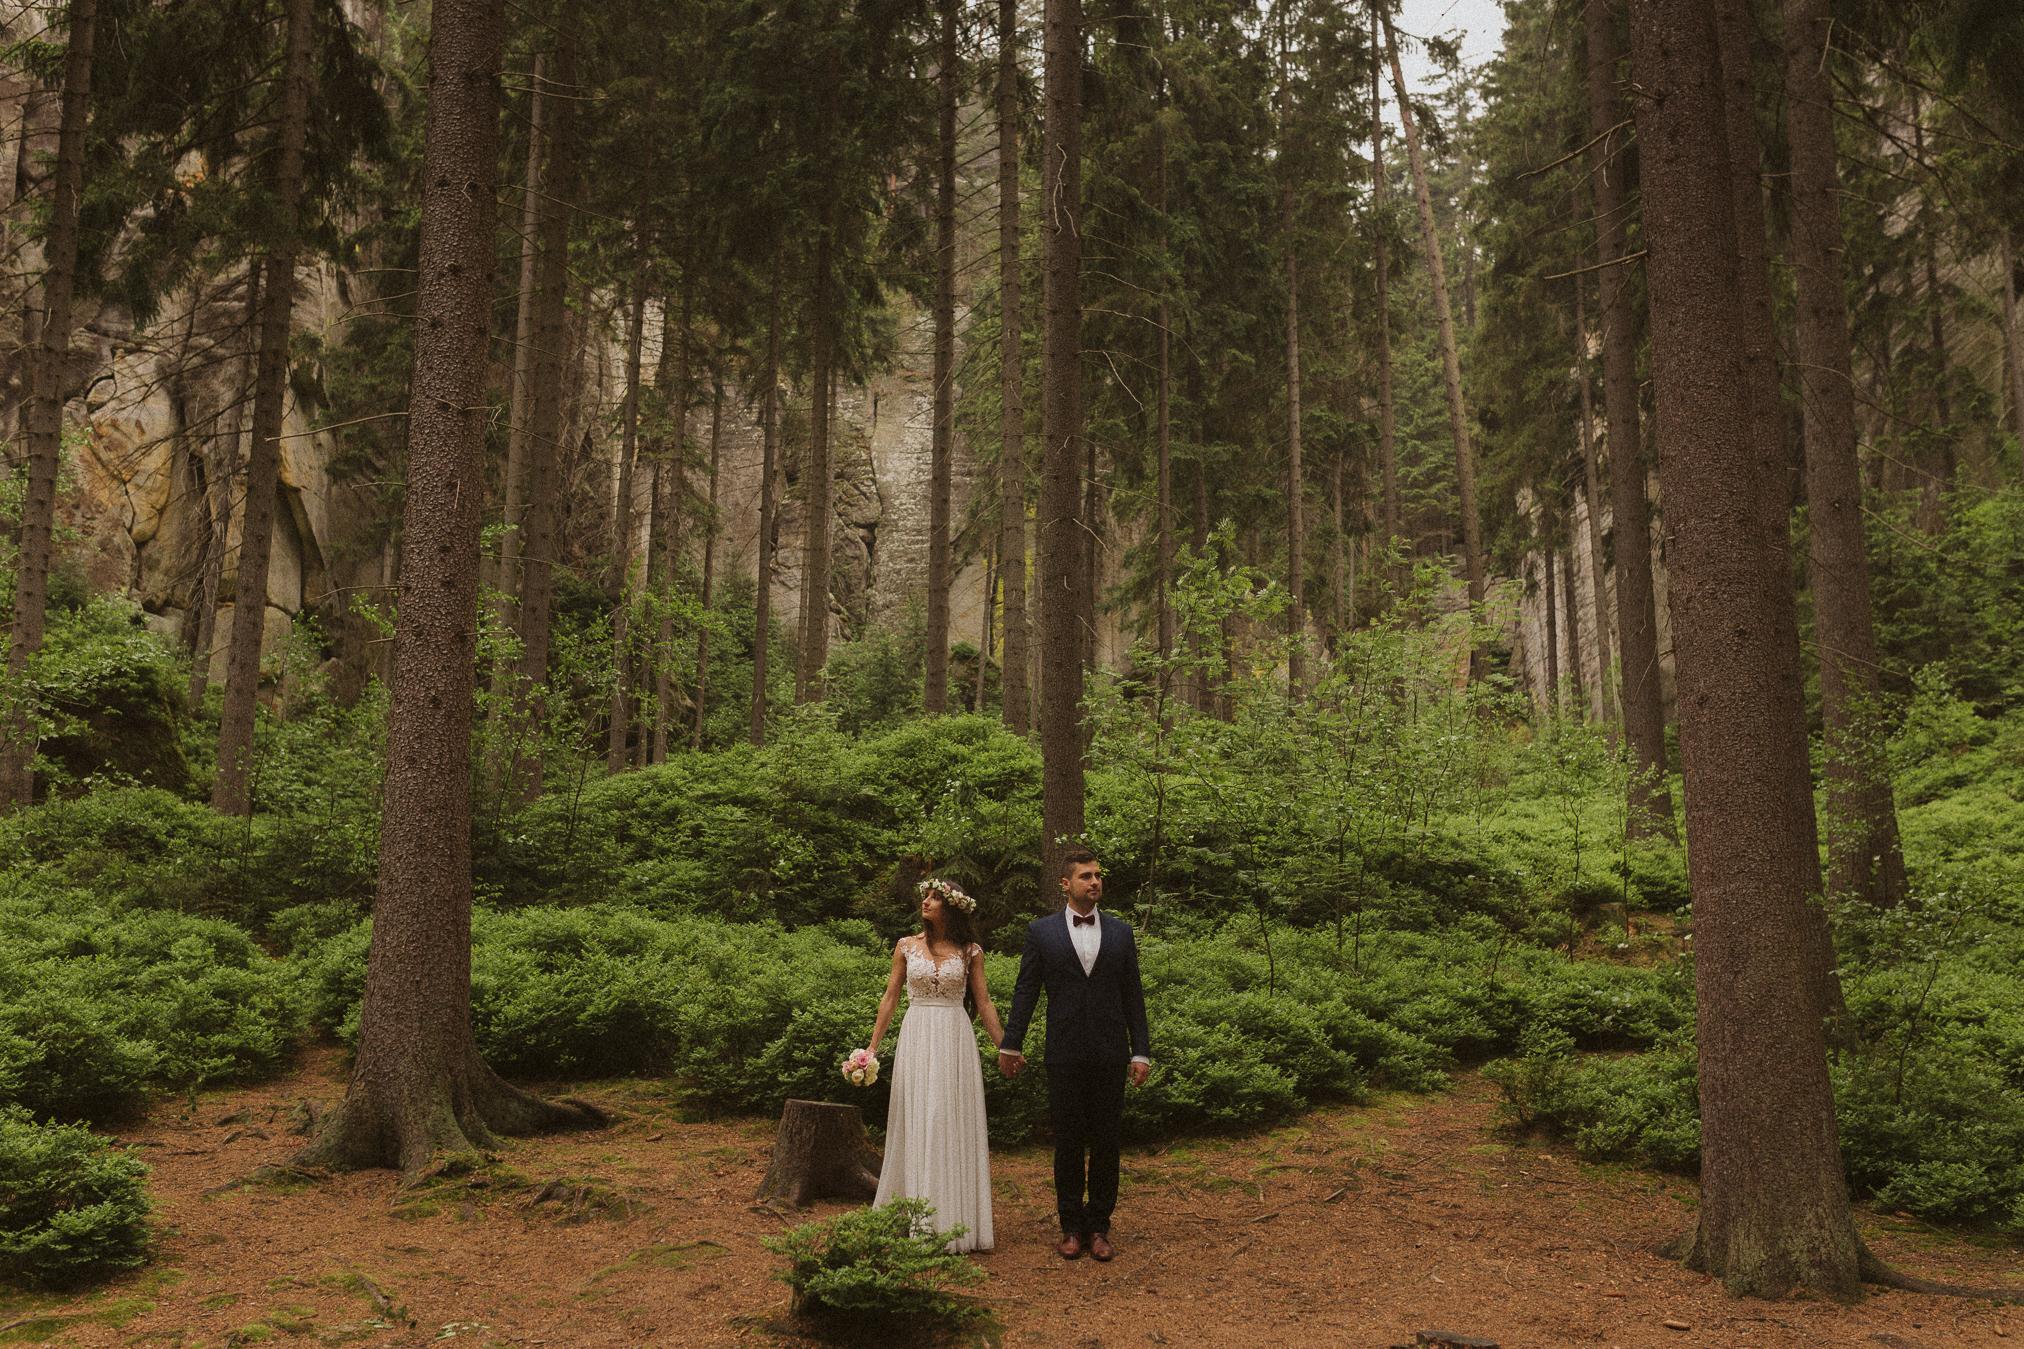 Fotograf Ślubny Warszawa Fotografia Ślubna wedding photographyIMG_7290Fotograf Ślubny Warszawa Fotografia Ślubna wedding photography (197 of 206).JPG